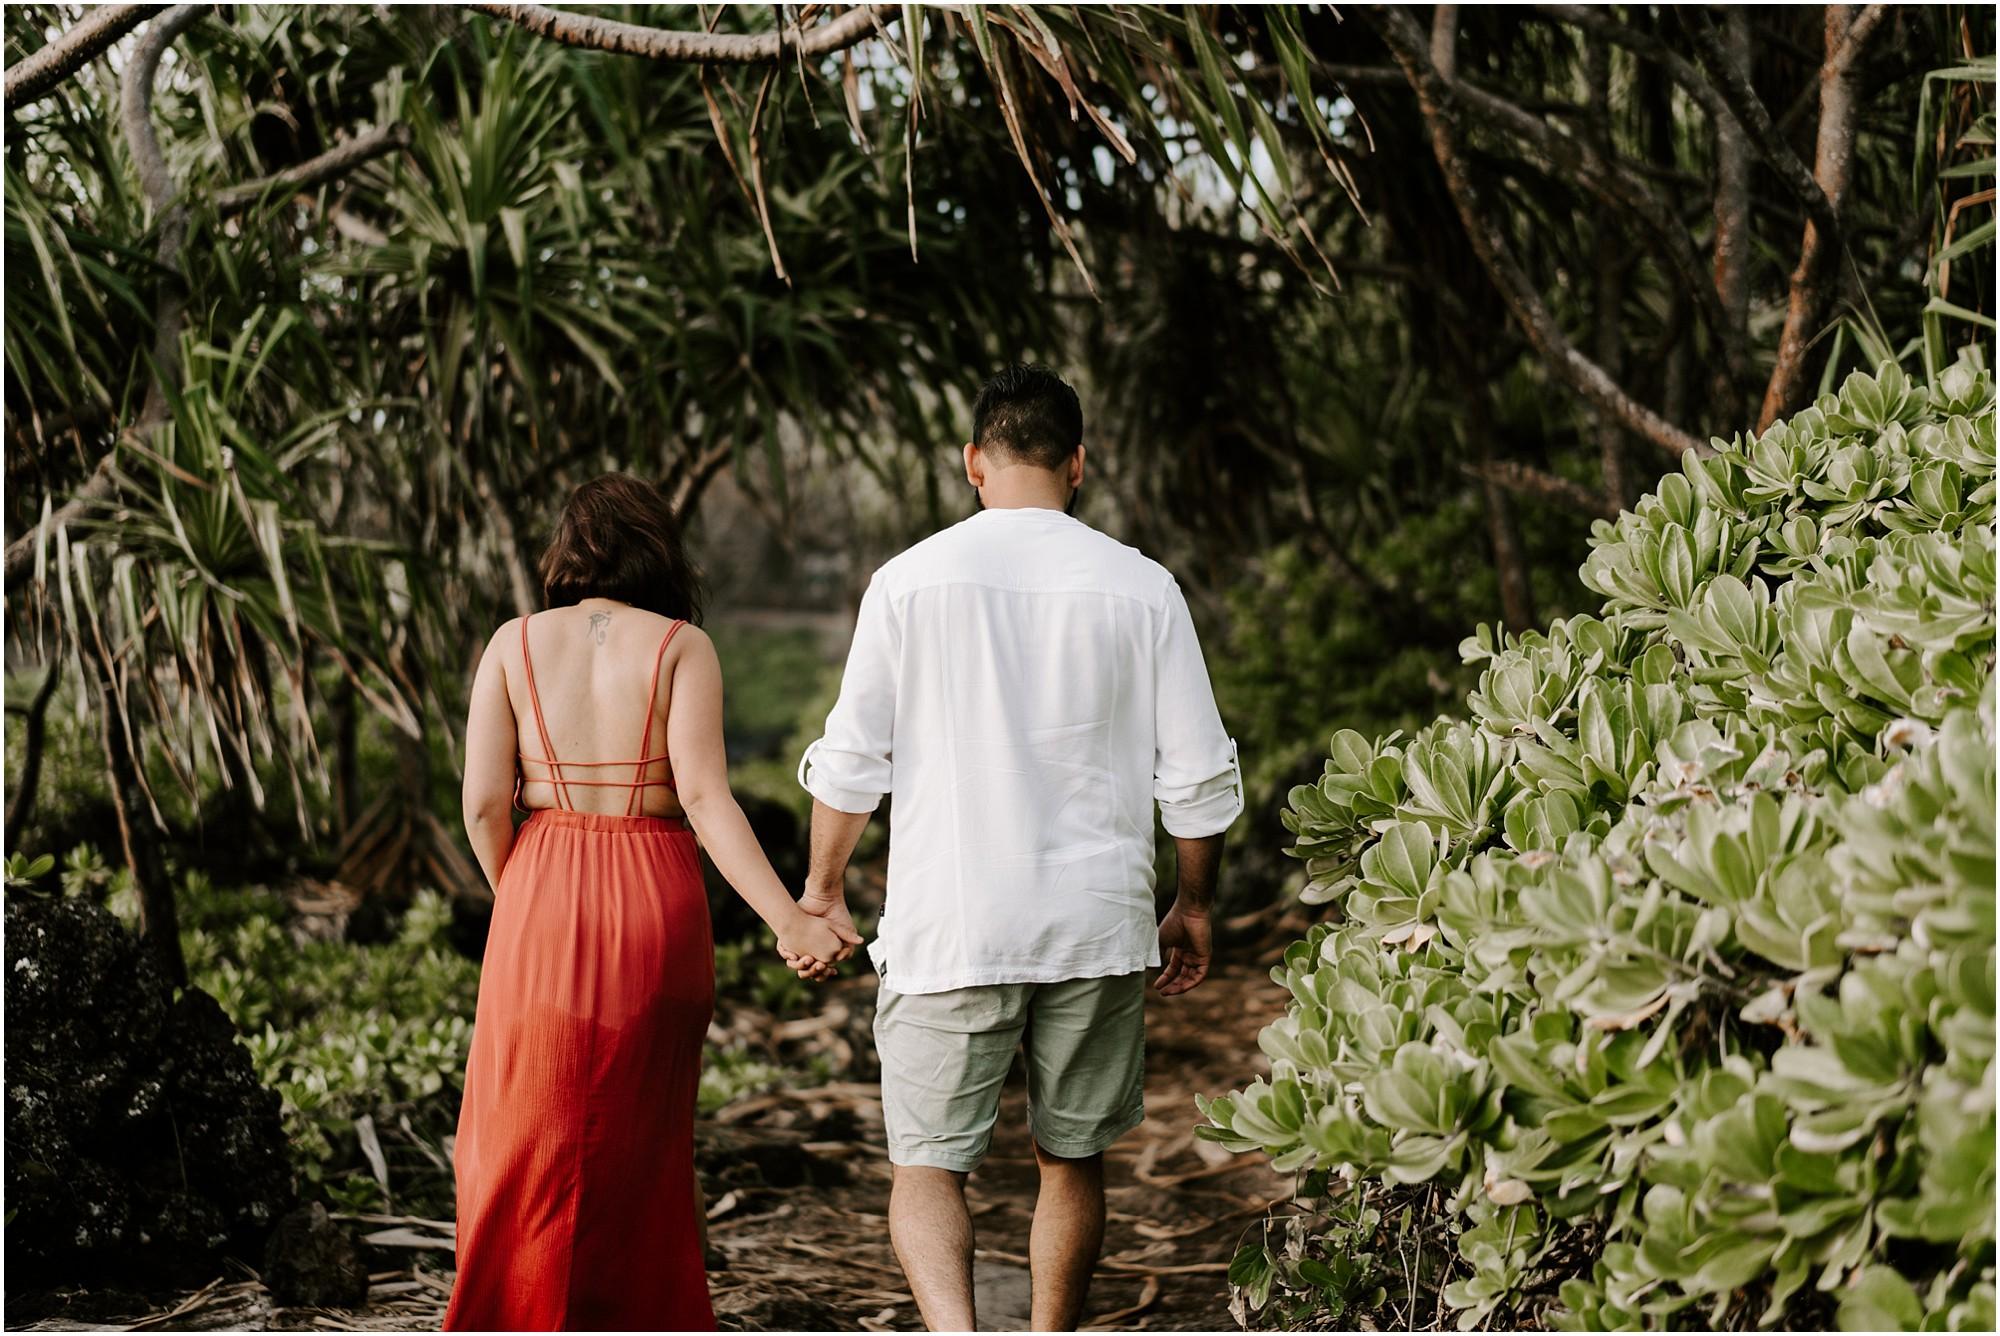 black-sand-beach-maui-hawaii-elopement-photographer_0036.jpg